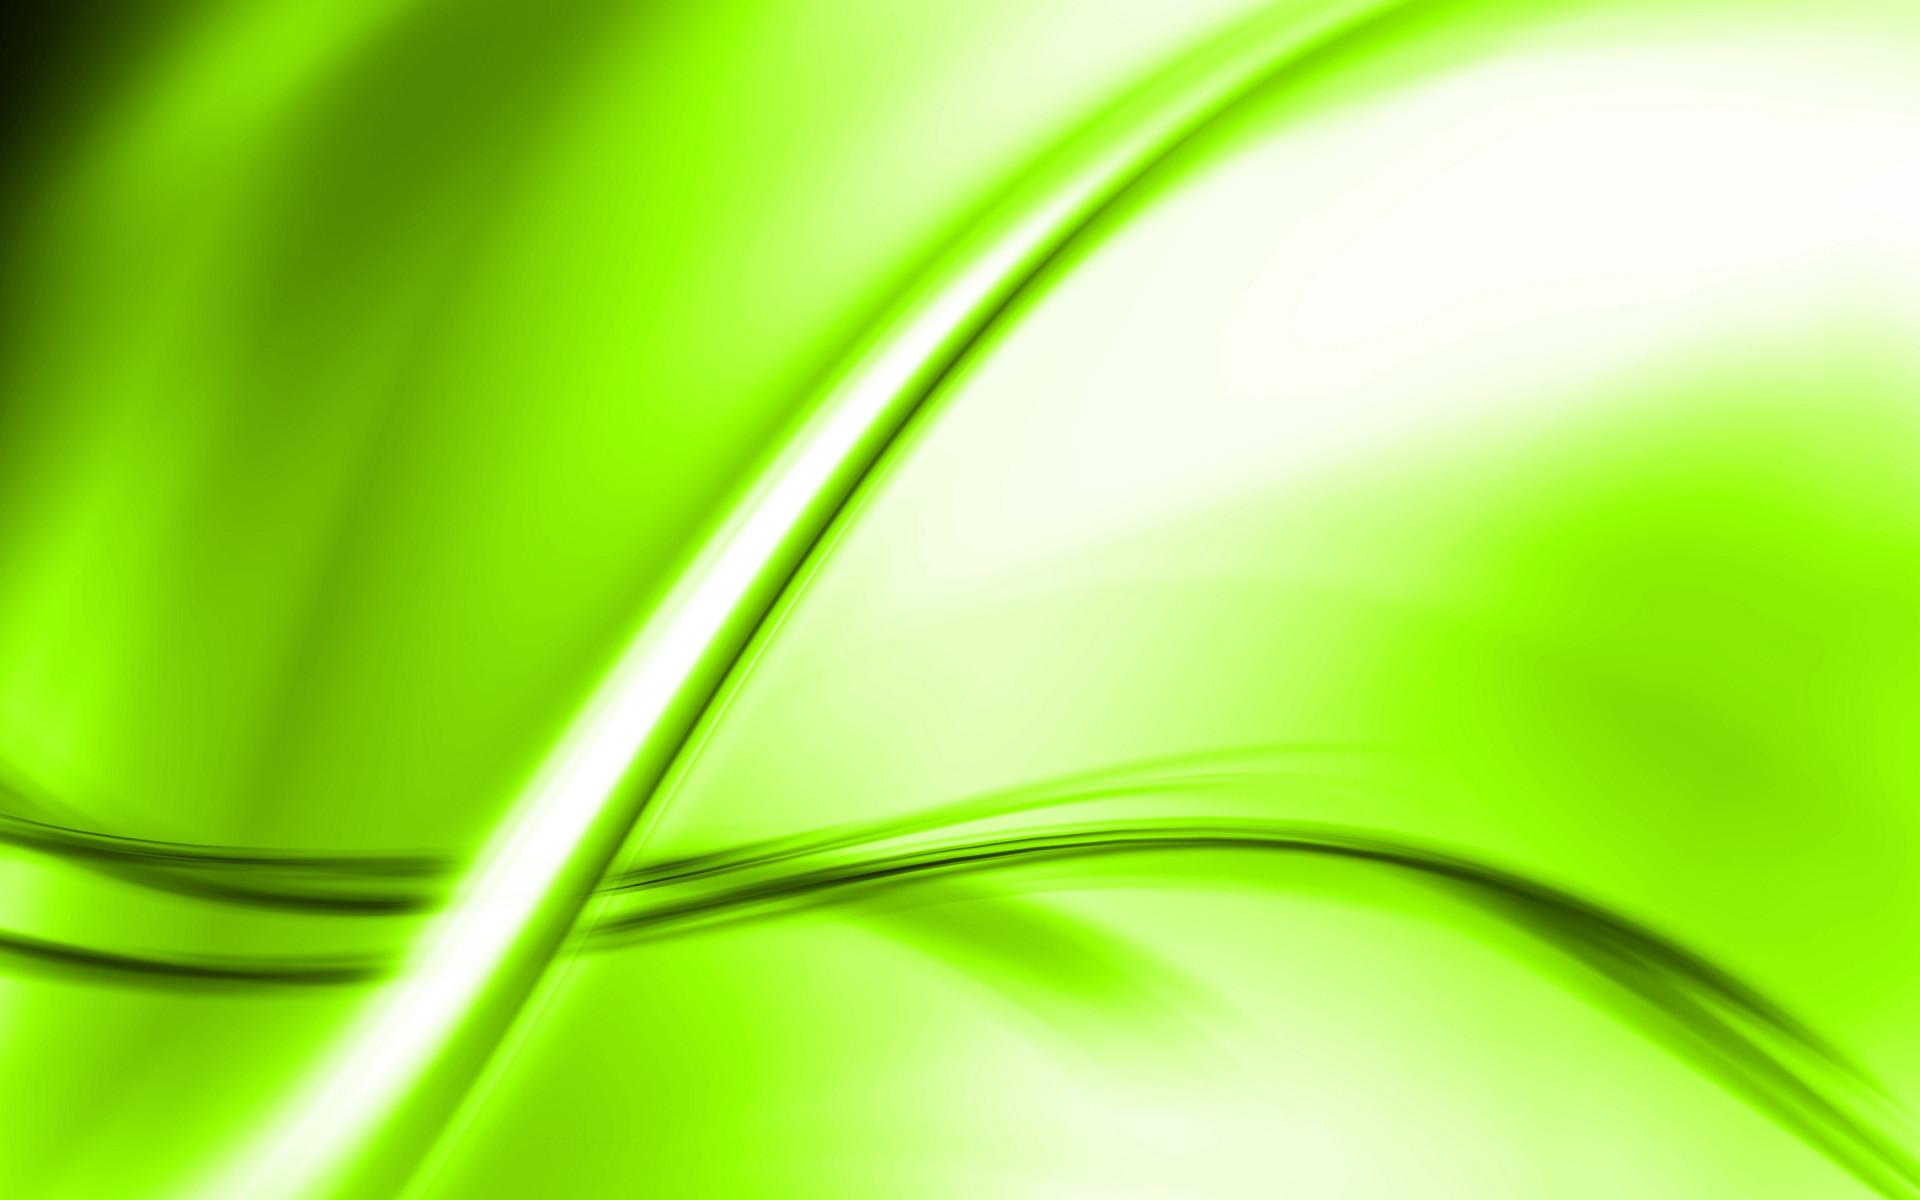 Cool Light Green Wallpaper